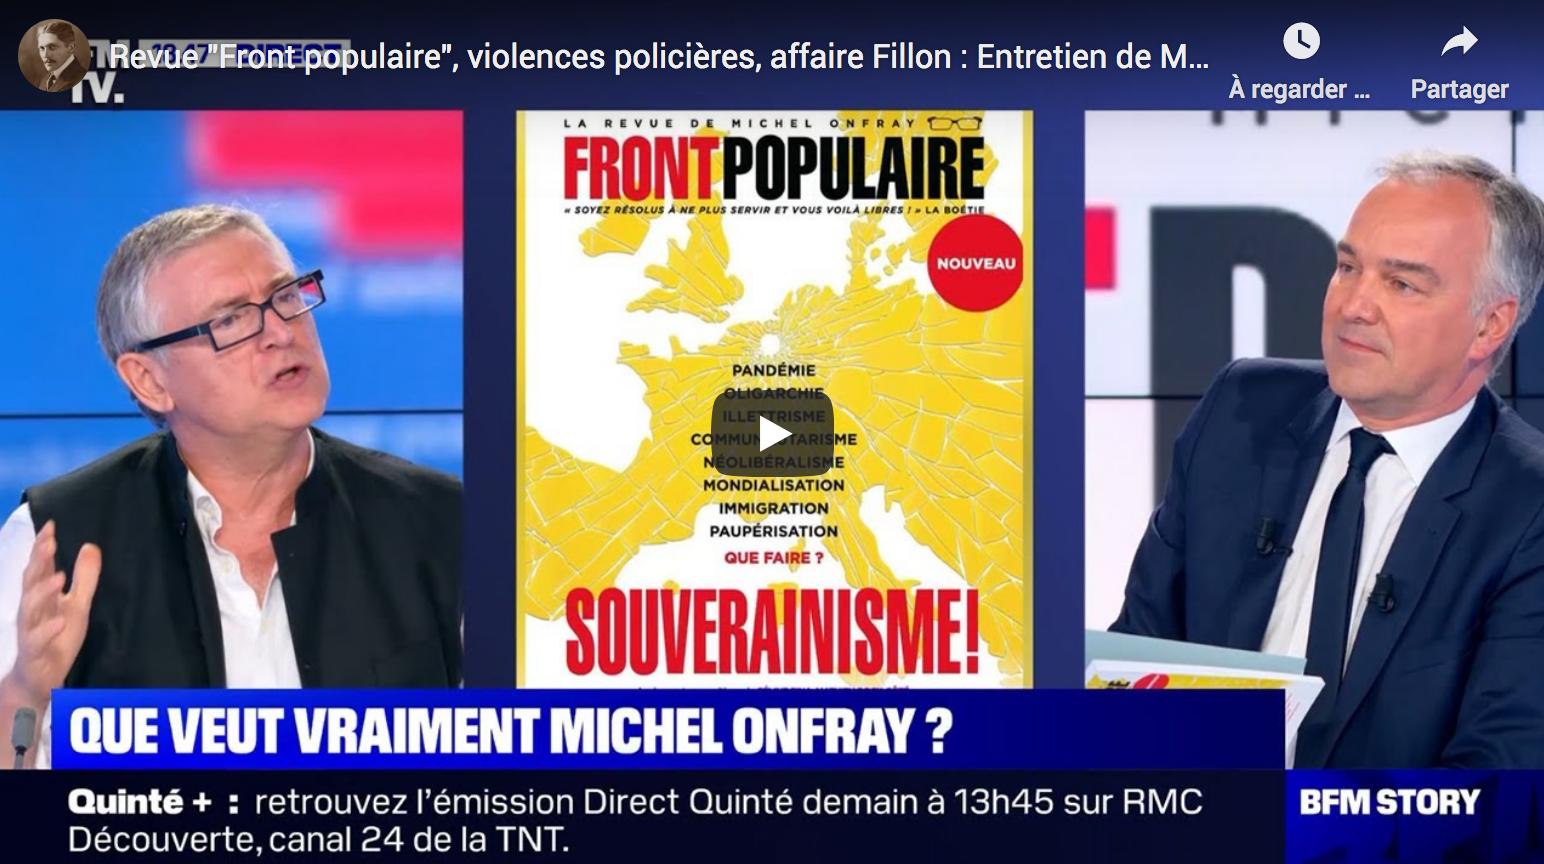 """Revue """"Front populaire"""", violences policières, affaire Fillon : entretien avec Michel Onfray (VIDÉO)"""